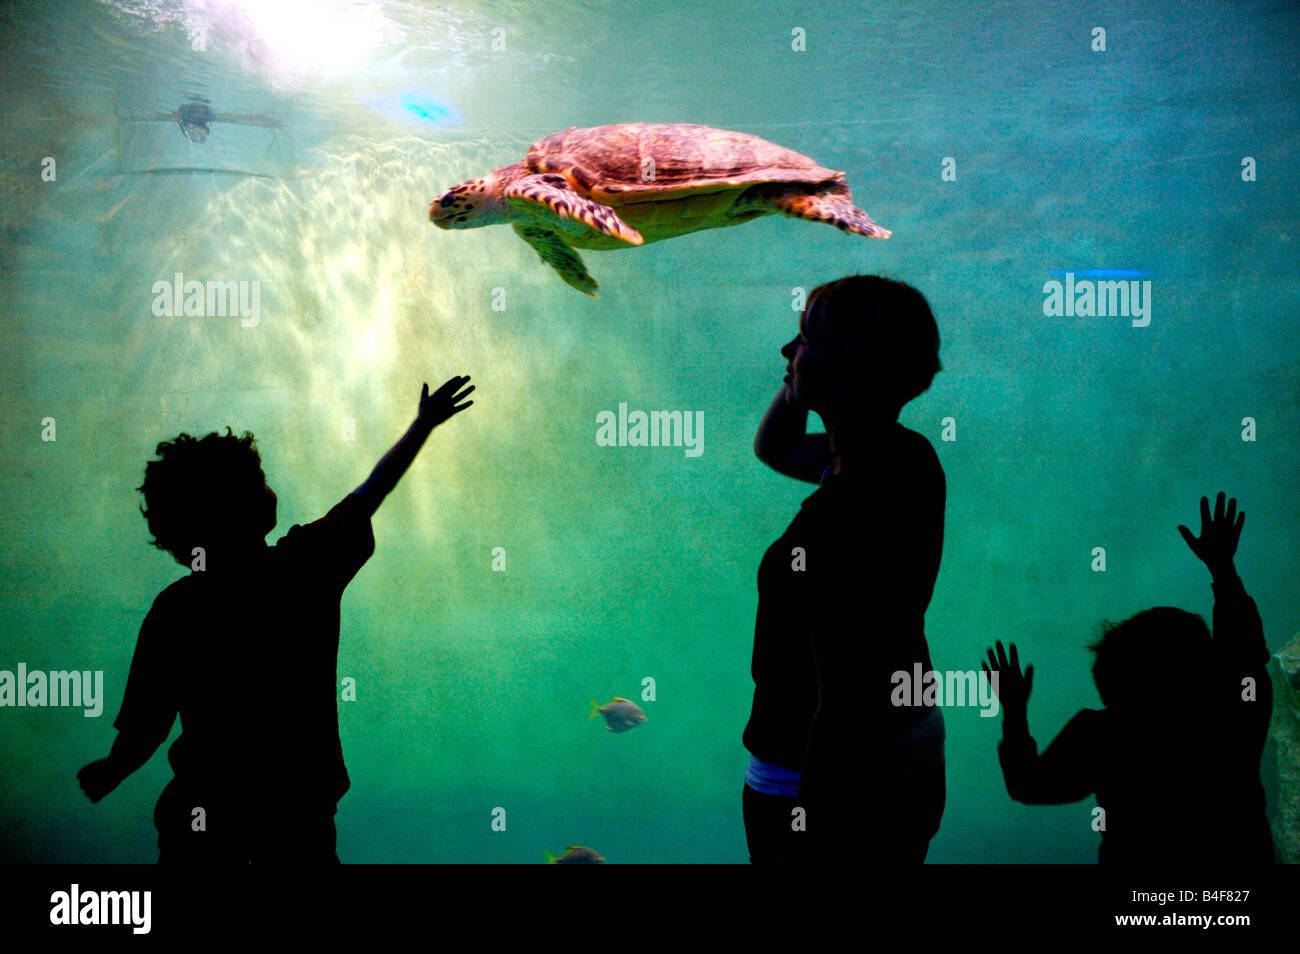 Los niños viendo una tortuga nadando en un acuario, Francia Imagen De Stock